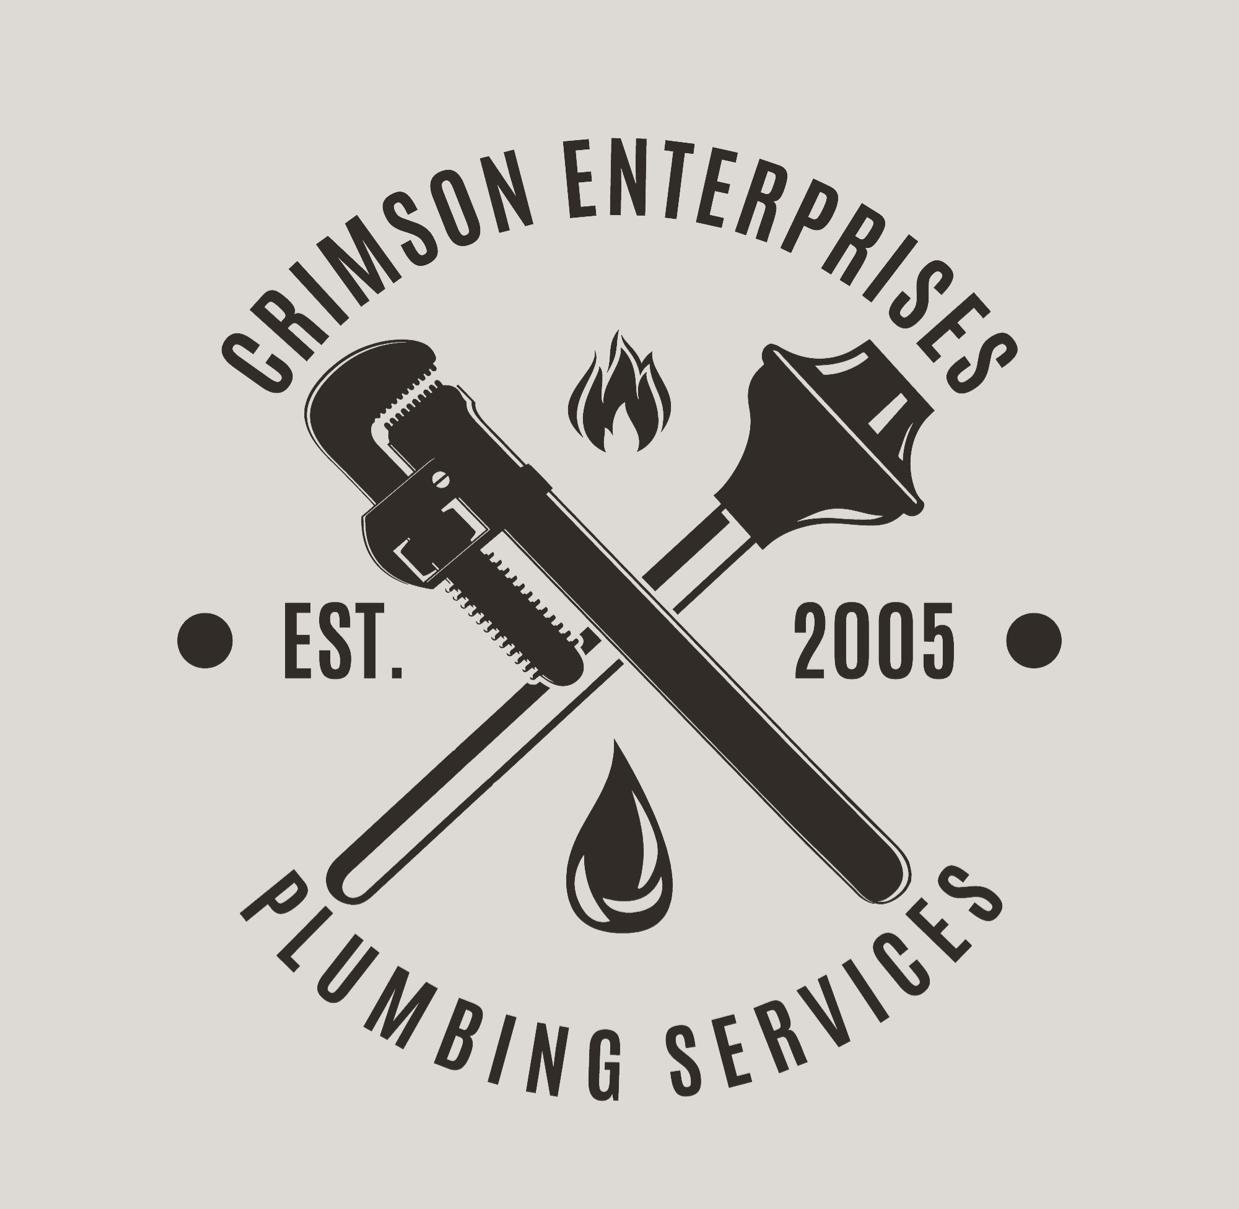 Crimson enterprises plumbing services